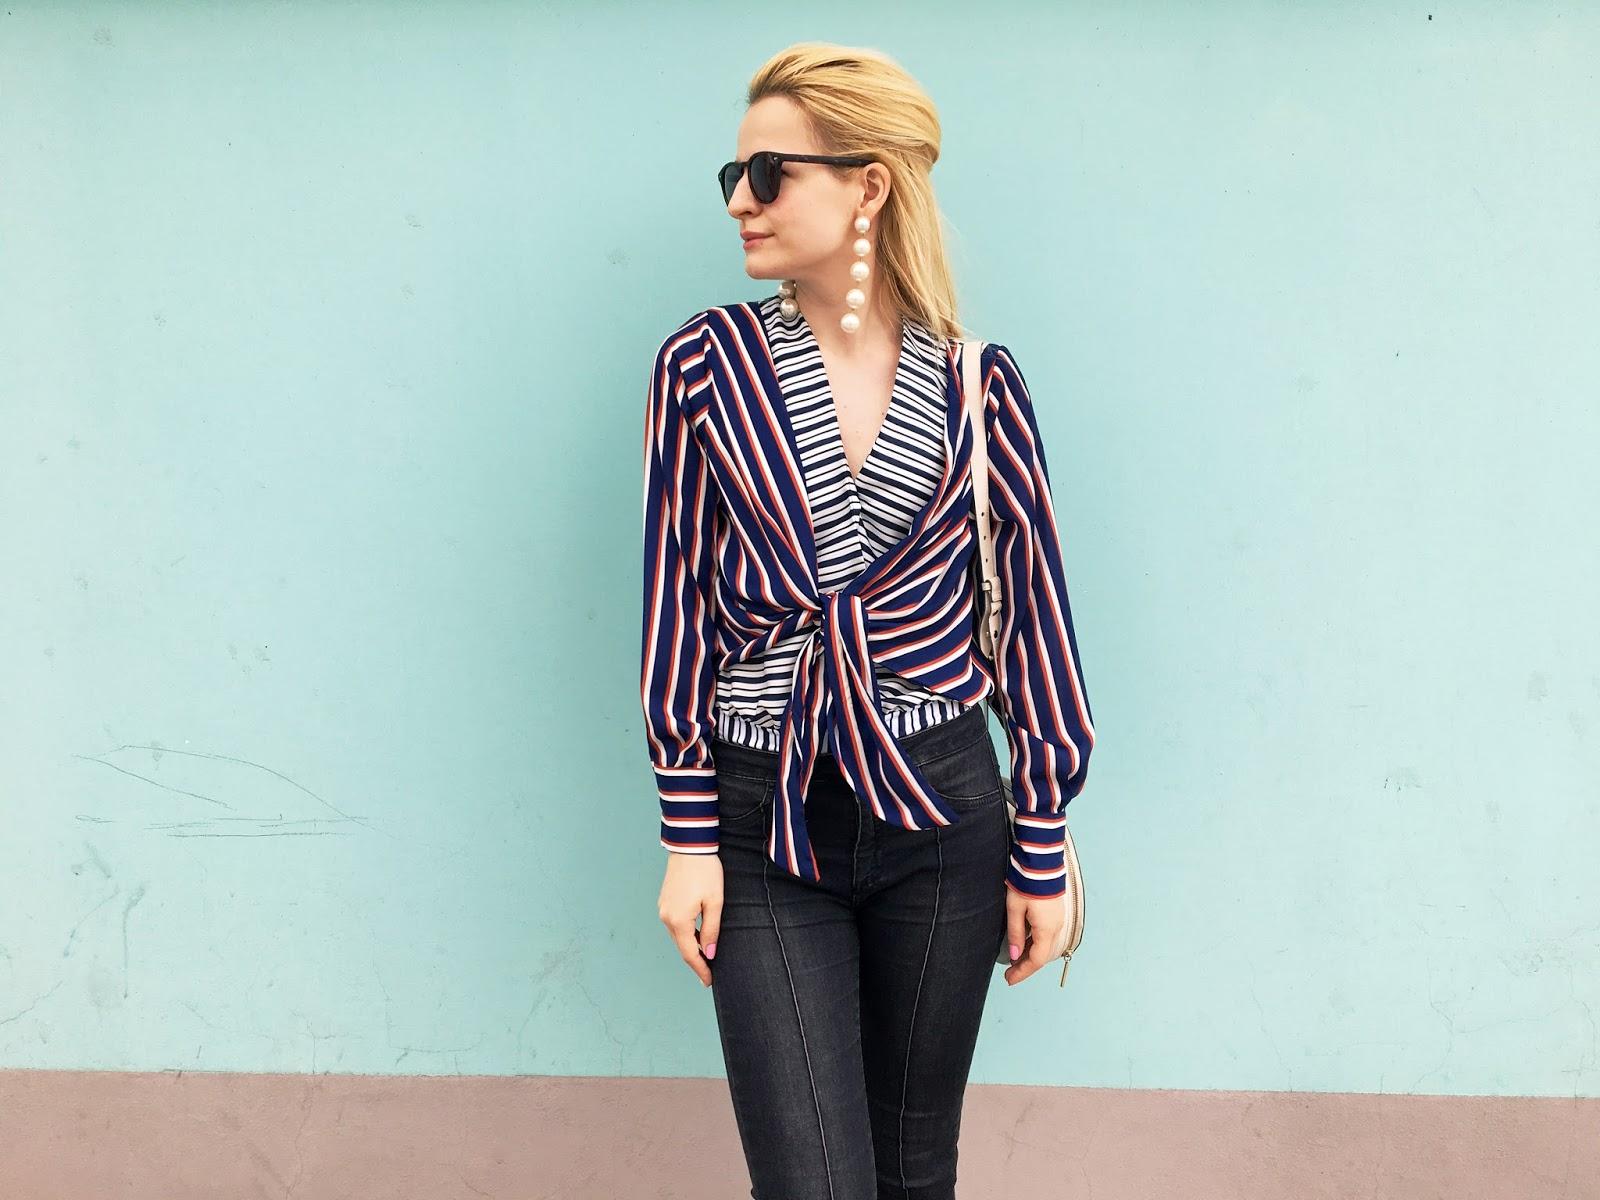 stripe shirt outfit, с чем носить рубашку в полоску, модный стиль, модные наряды